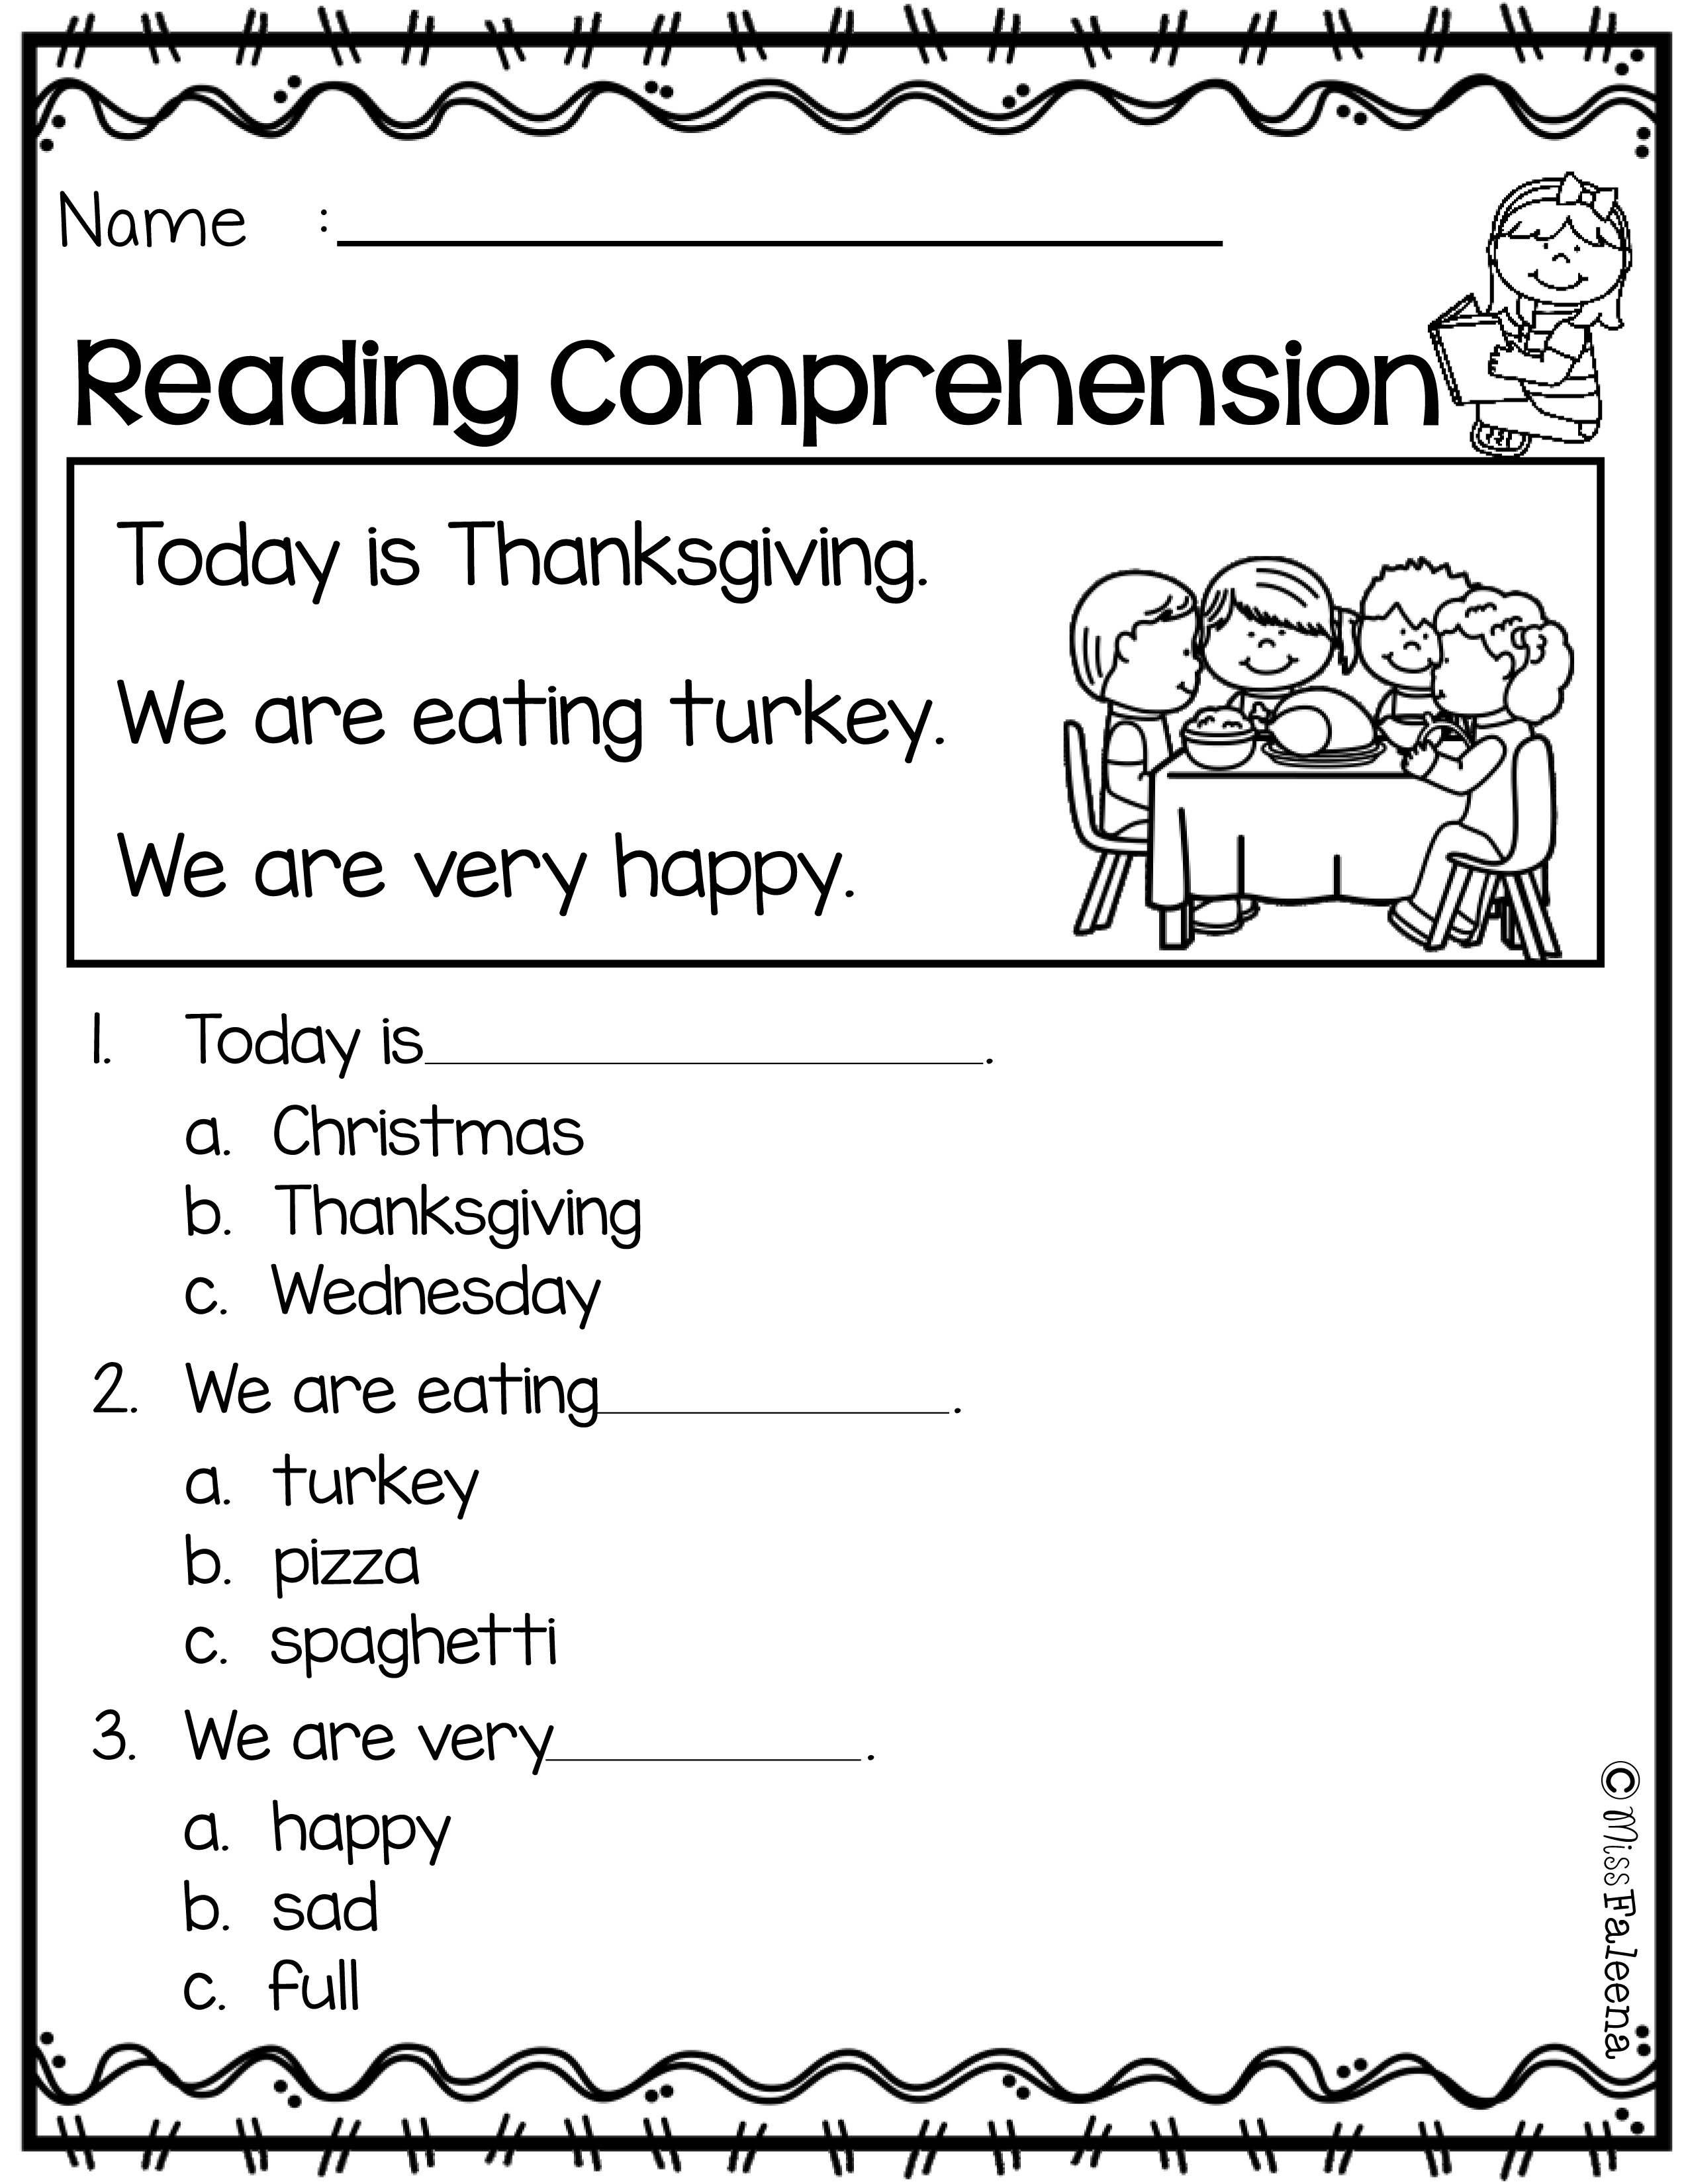 Kindergarten Reading Workbook Pdf - Kindergarten [ 3300 x 2550 Pixel ]